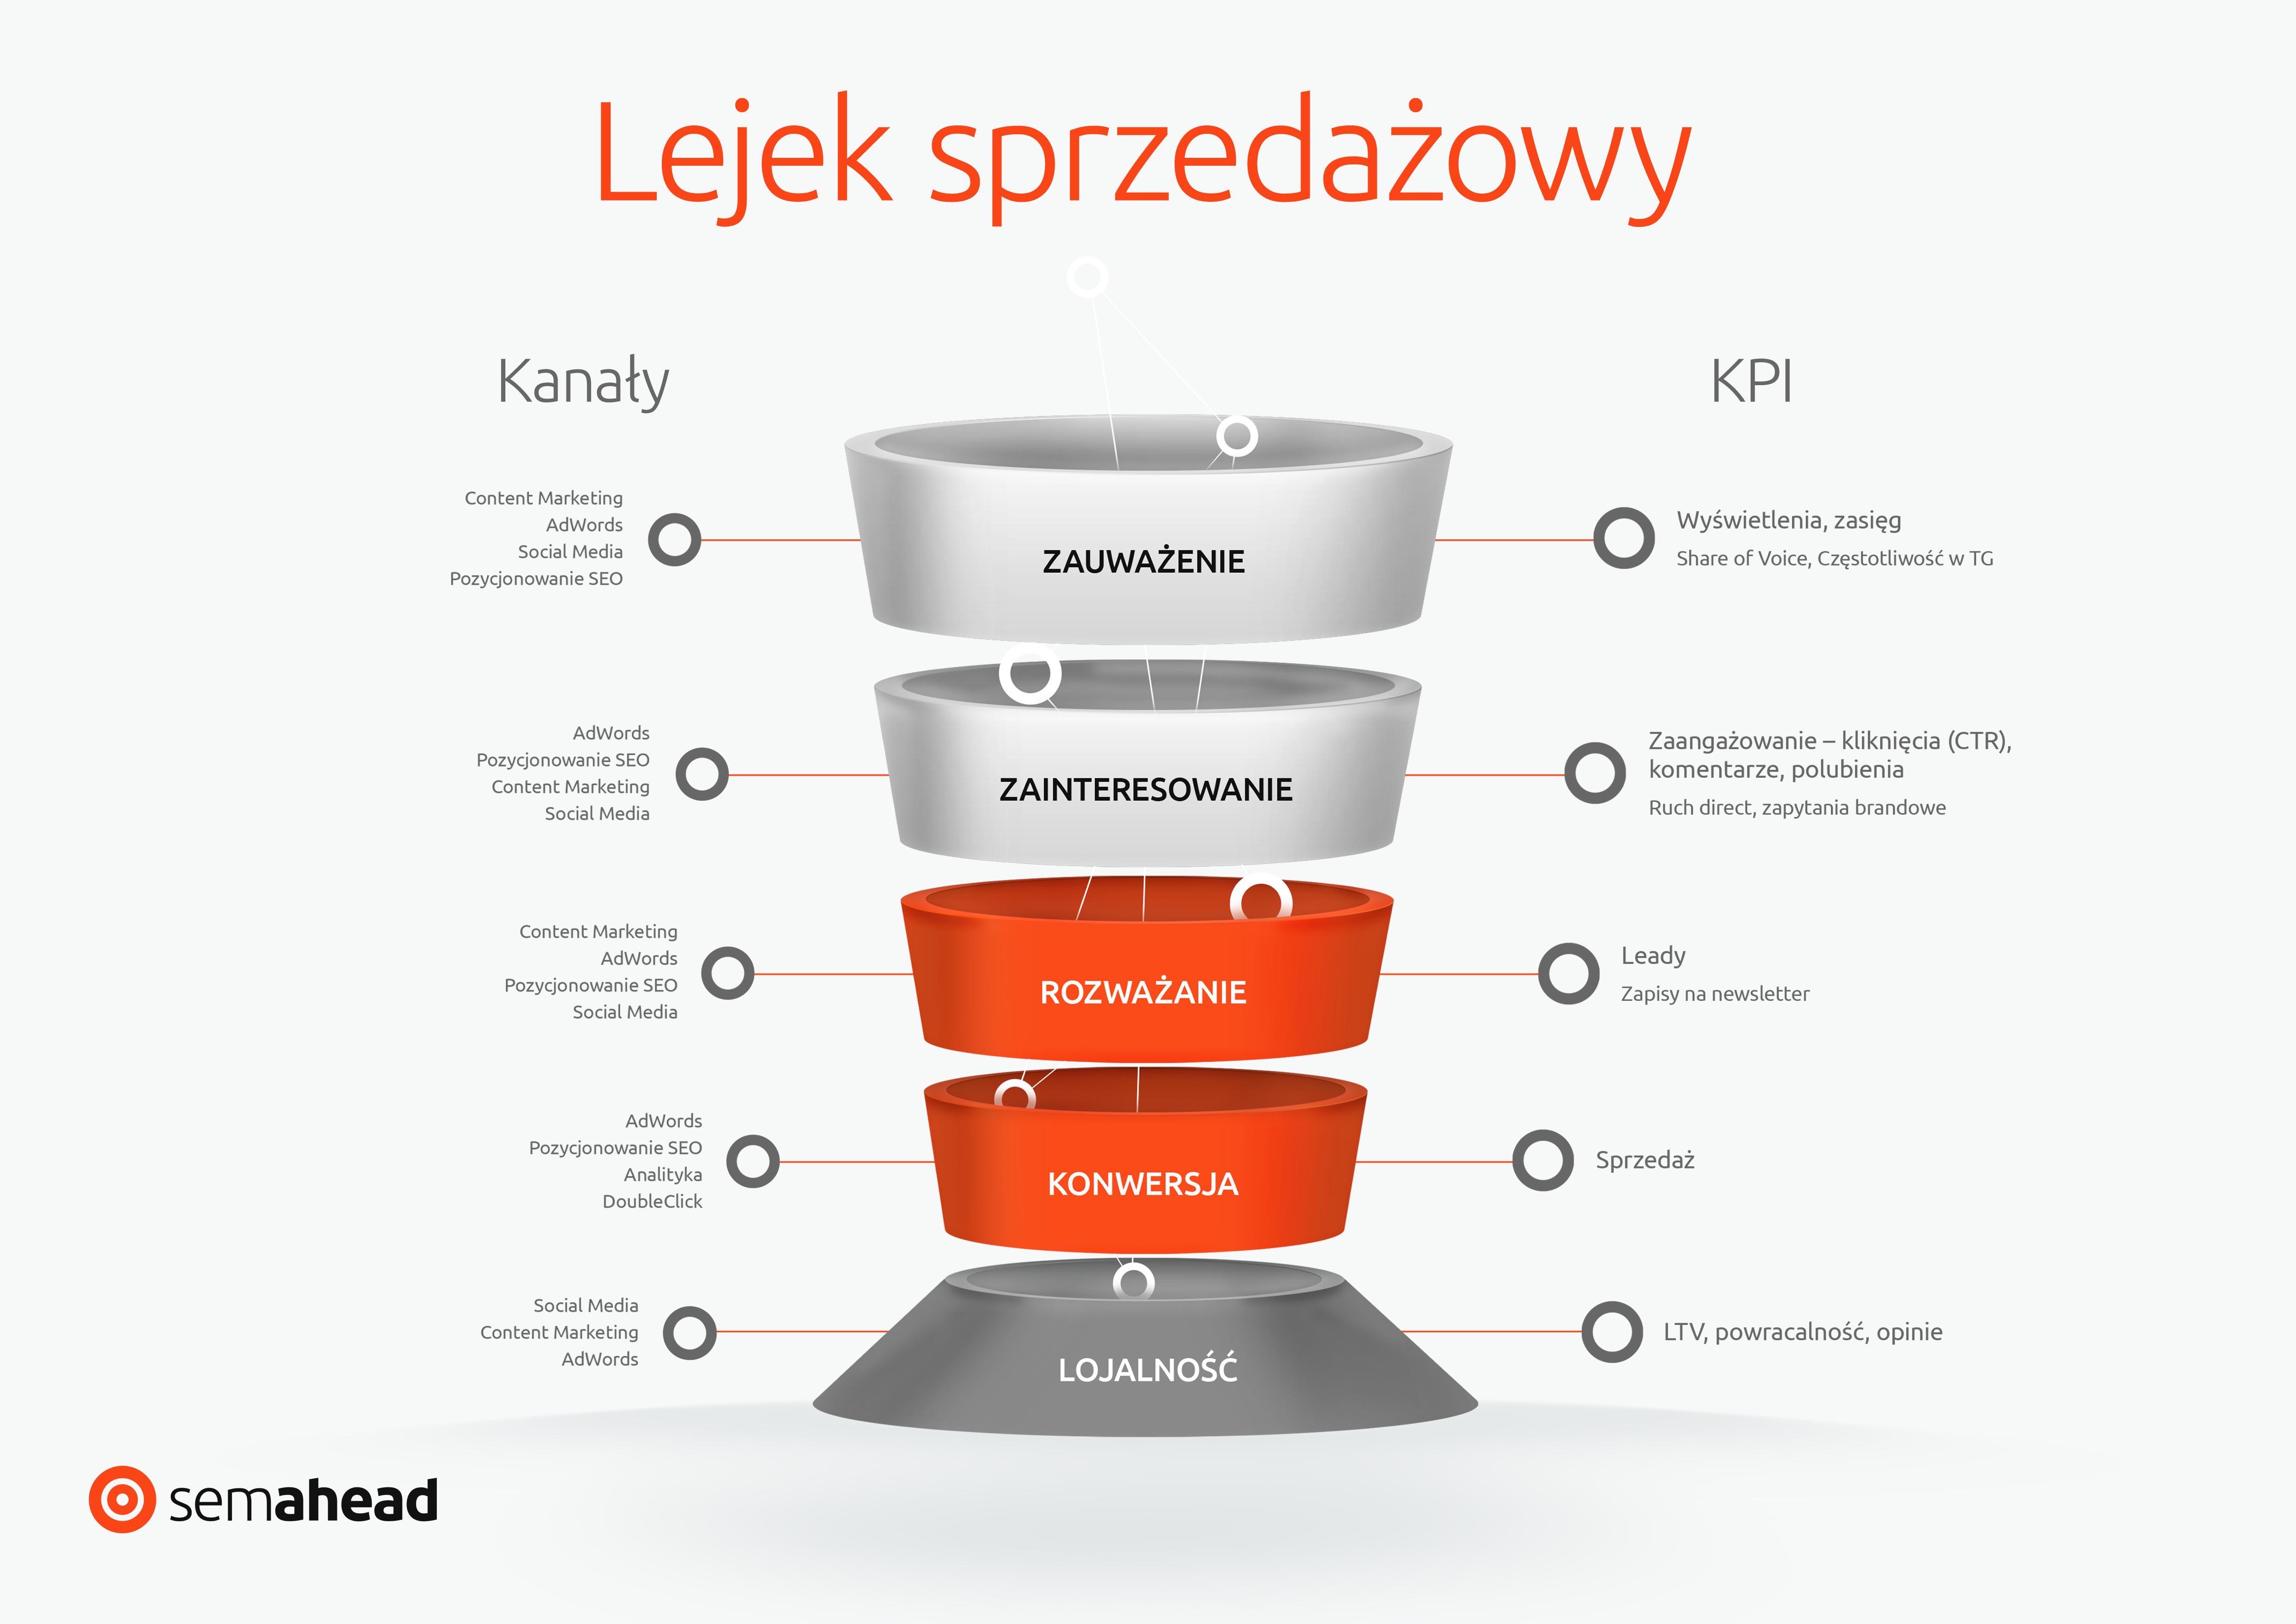 Lejek sprzedażowy z podziałem na kanały i KPI - proces zakupowy